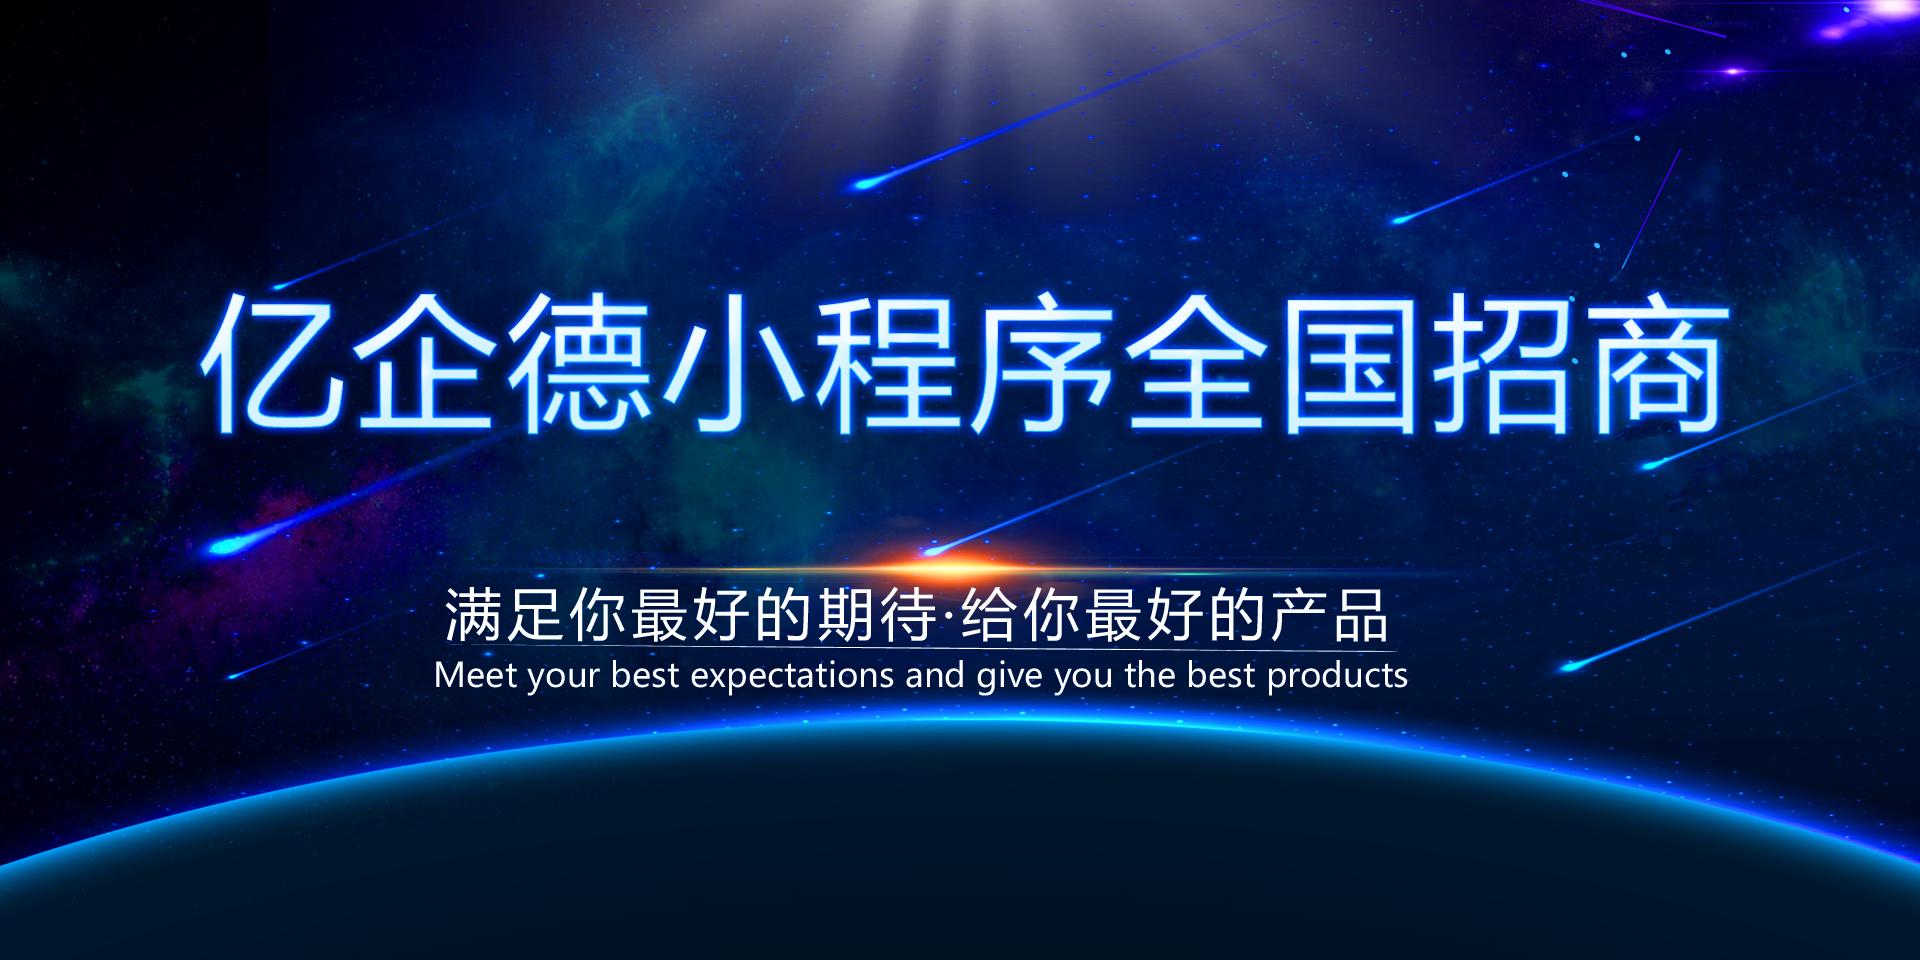 亚博体育下载app苹果小程序火爆招商中!